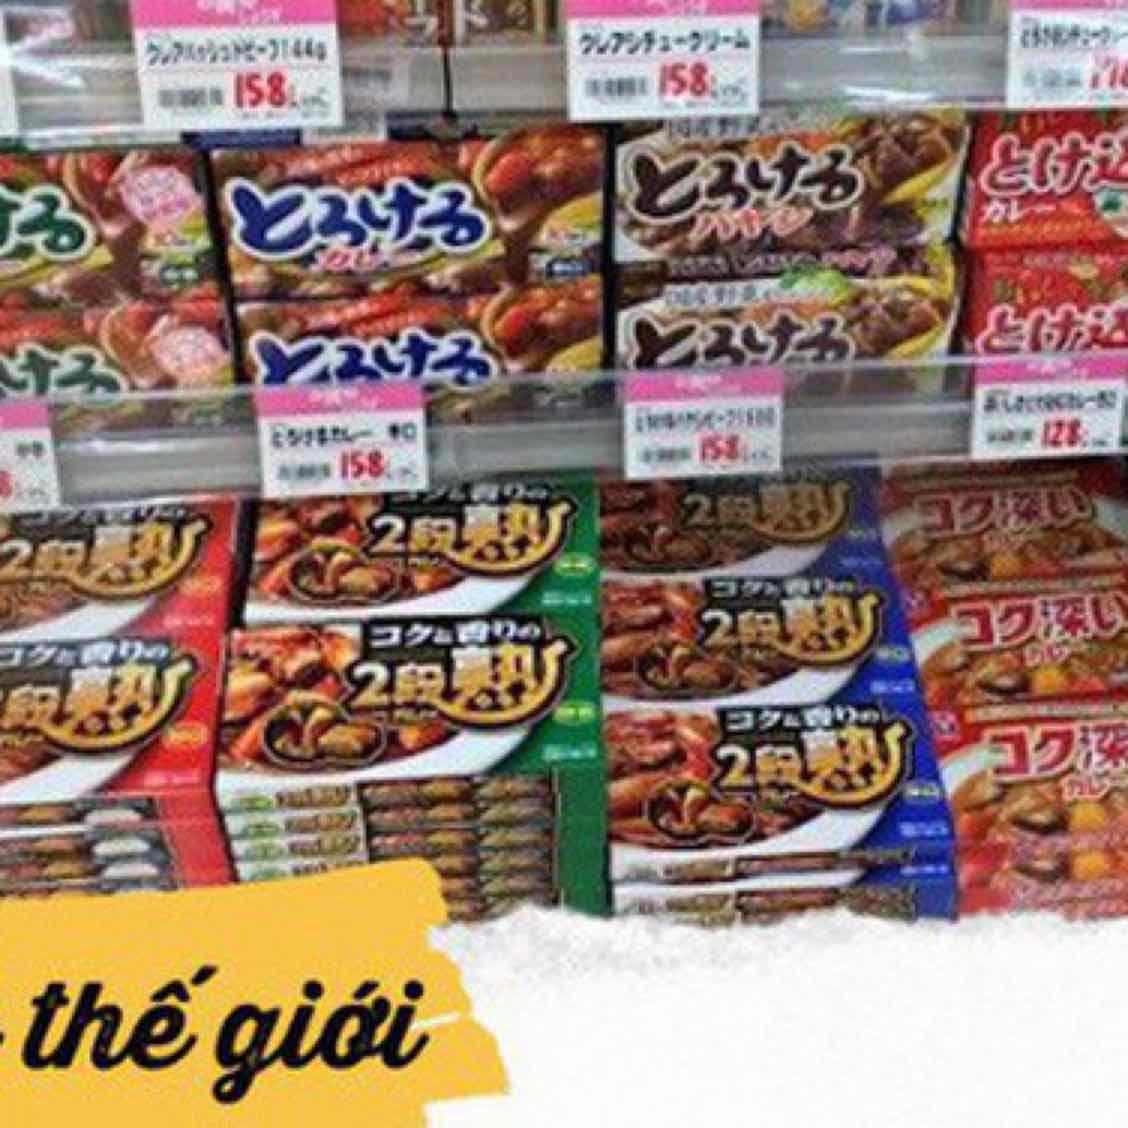 Đến với Nhật Bản cta còn những món gì tiện lợi nhỉ?